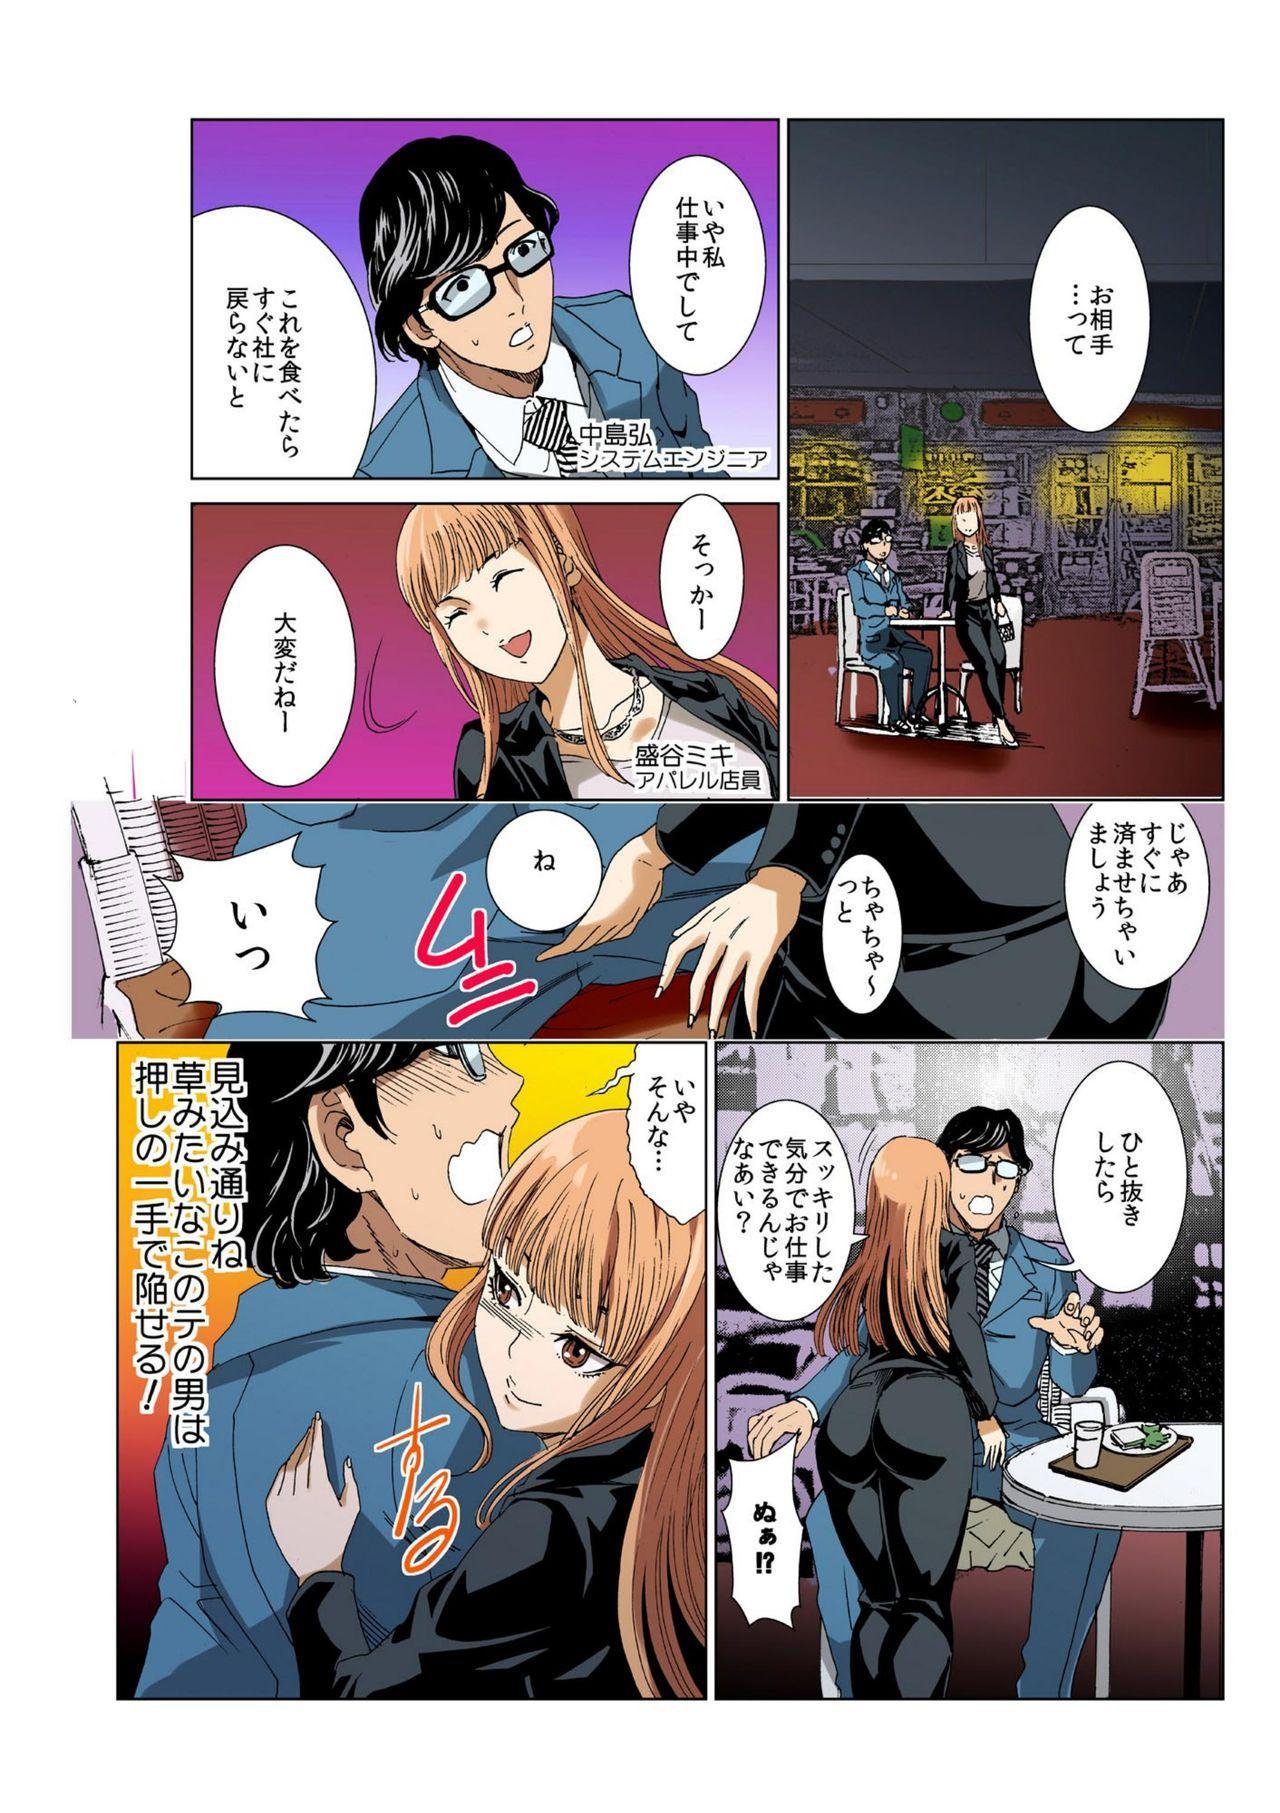 [Rurukichi] Seishi ga Kane ni Naru Jidai ~Mesubuta ga Muragaru Ore-sama no Kokan~ 1 10